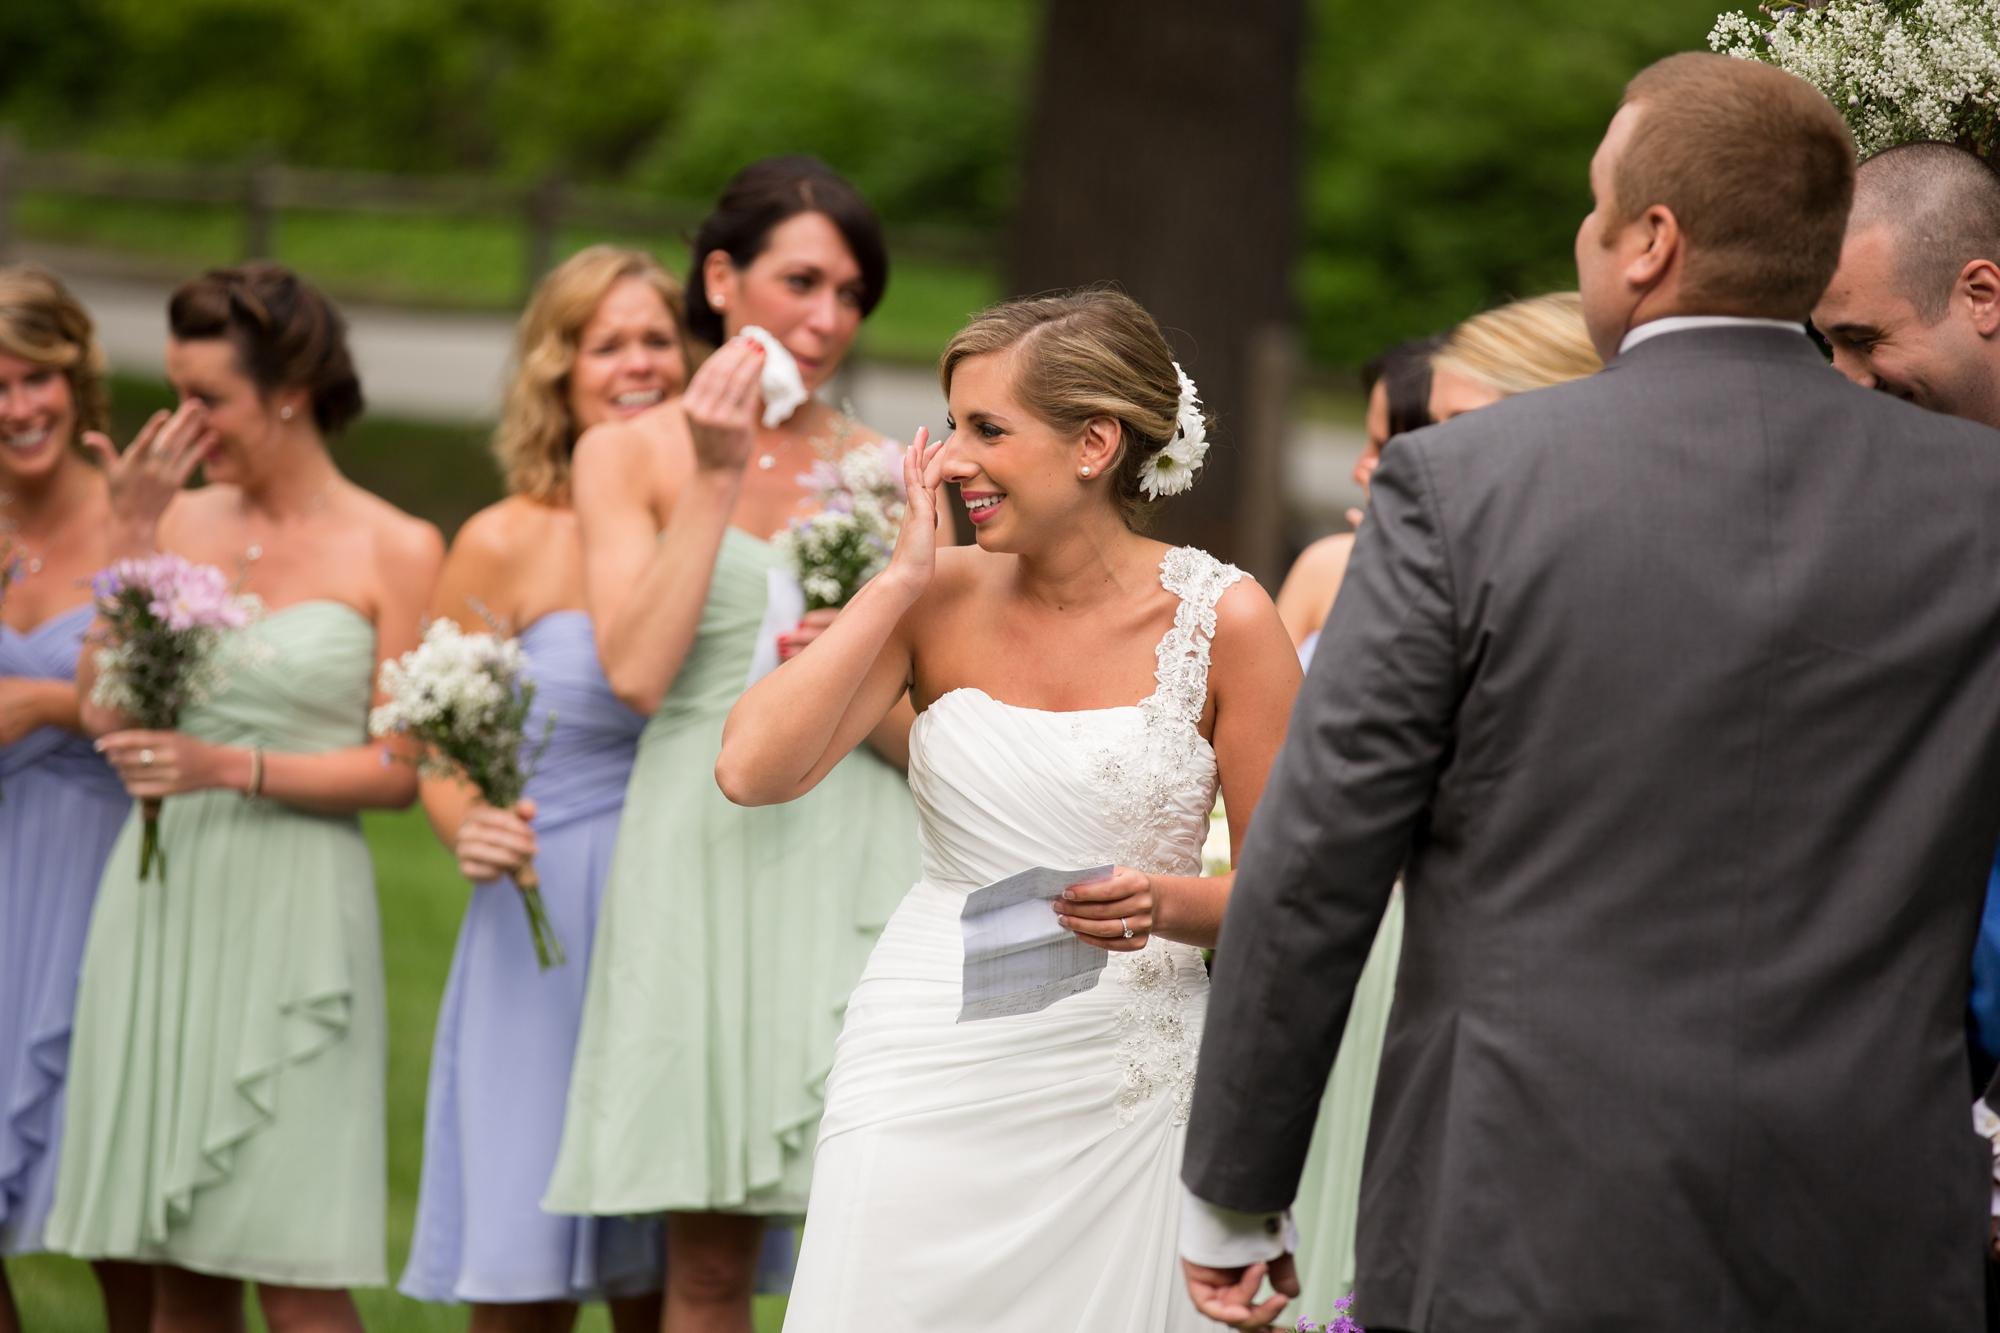 Albany NY Wedding Photographer Justin Tibbitts Photography 2014 Best of Albany NY Weddings-4822661742